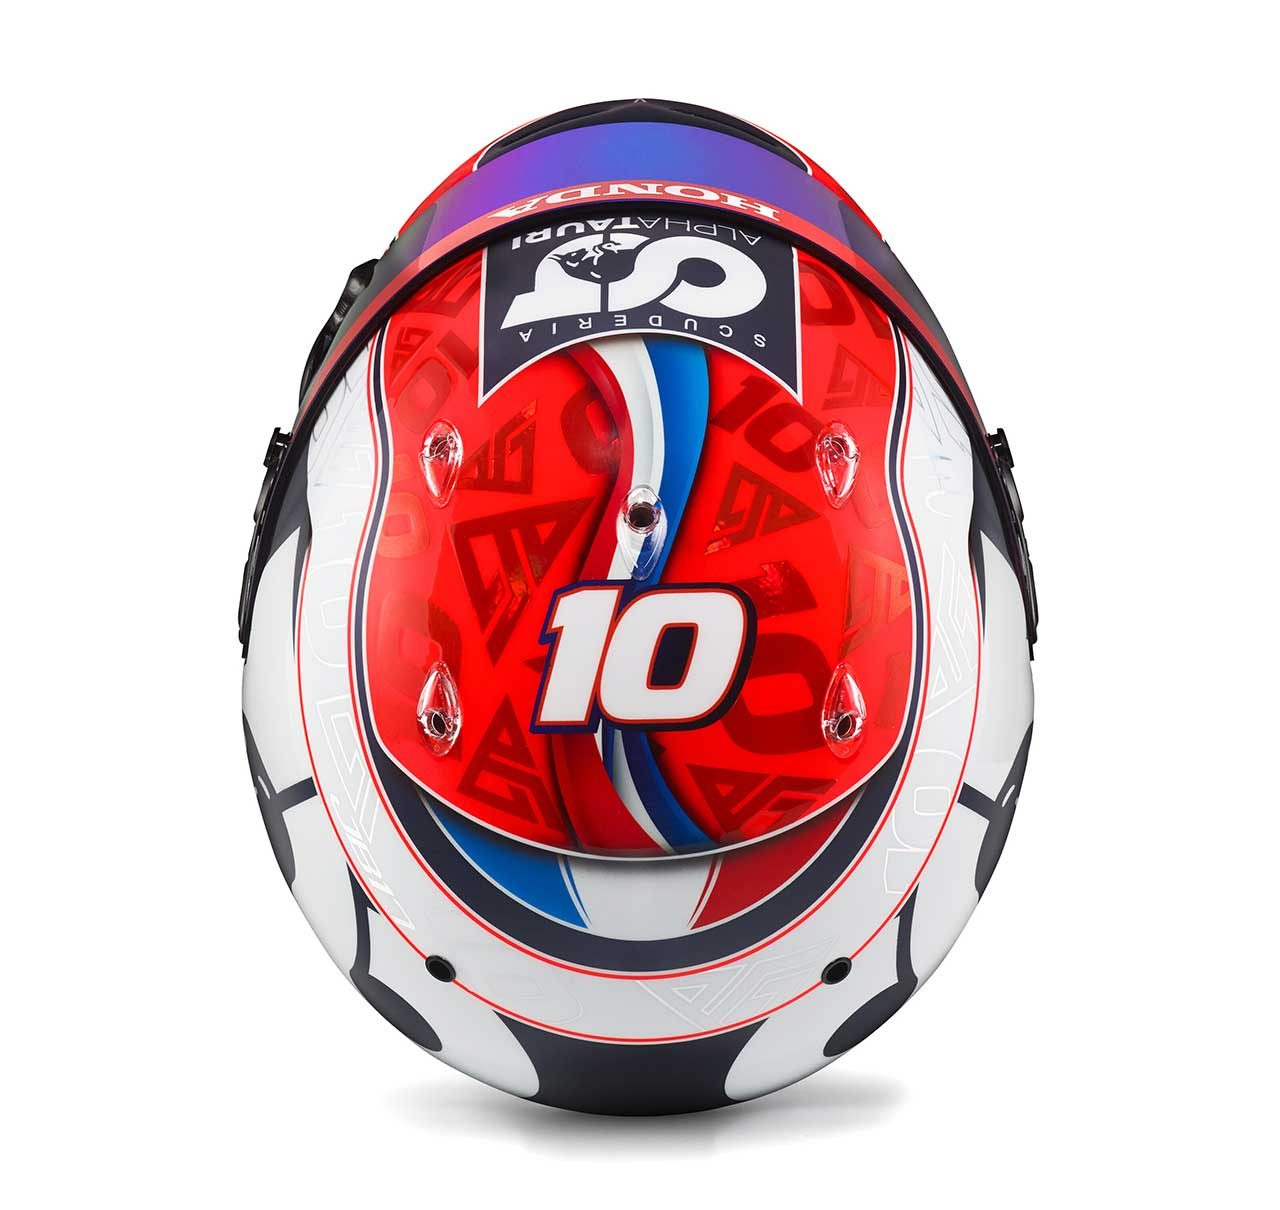 ピエール・ガスリー(アルファタウリ・ホンダ)の2020年仕様ヘルメット